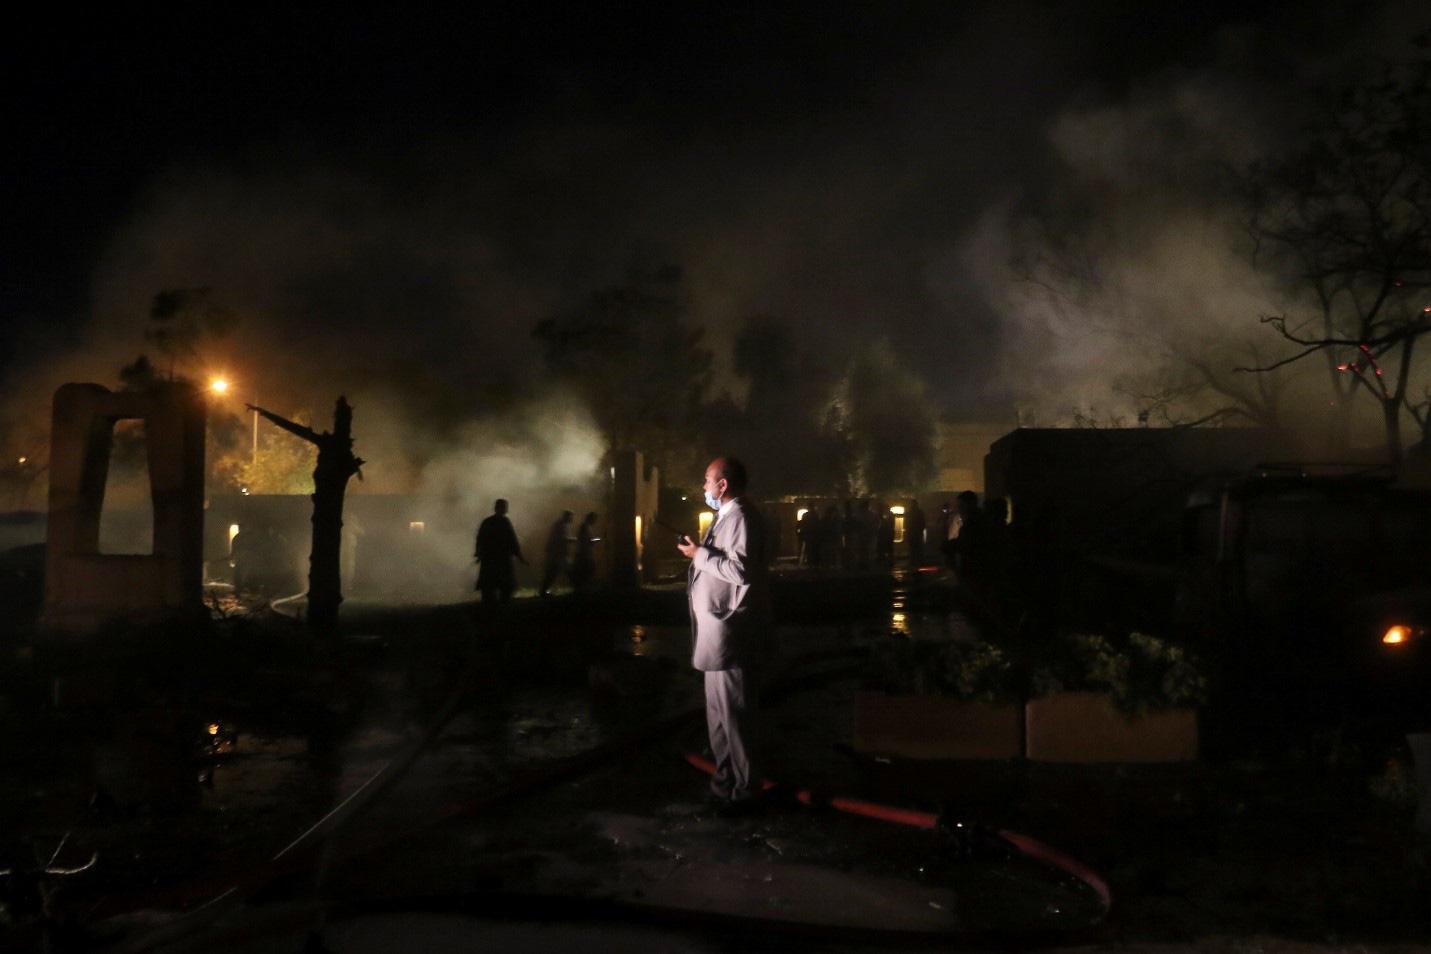 Ô tô chứa bom phát nổ tại một khách sạn phía Tây Pakistan gây nhiều thương vong - Ảnh 1.